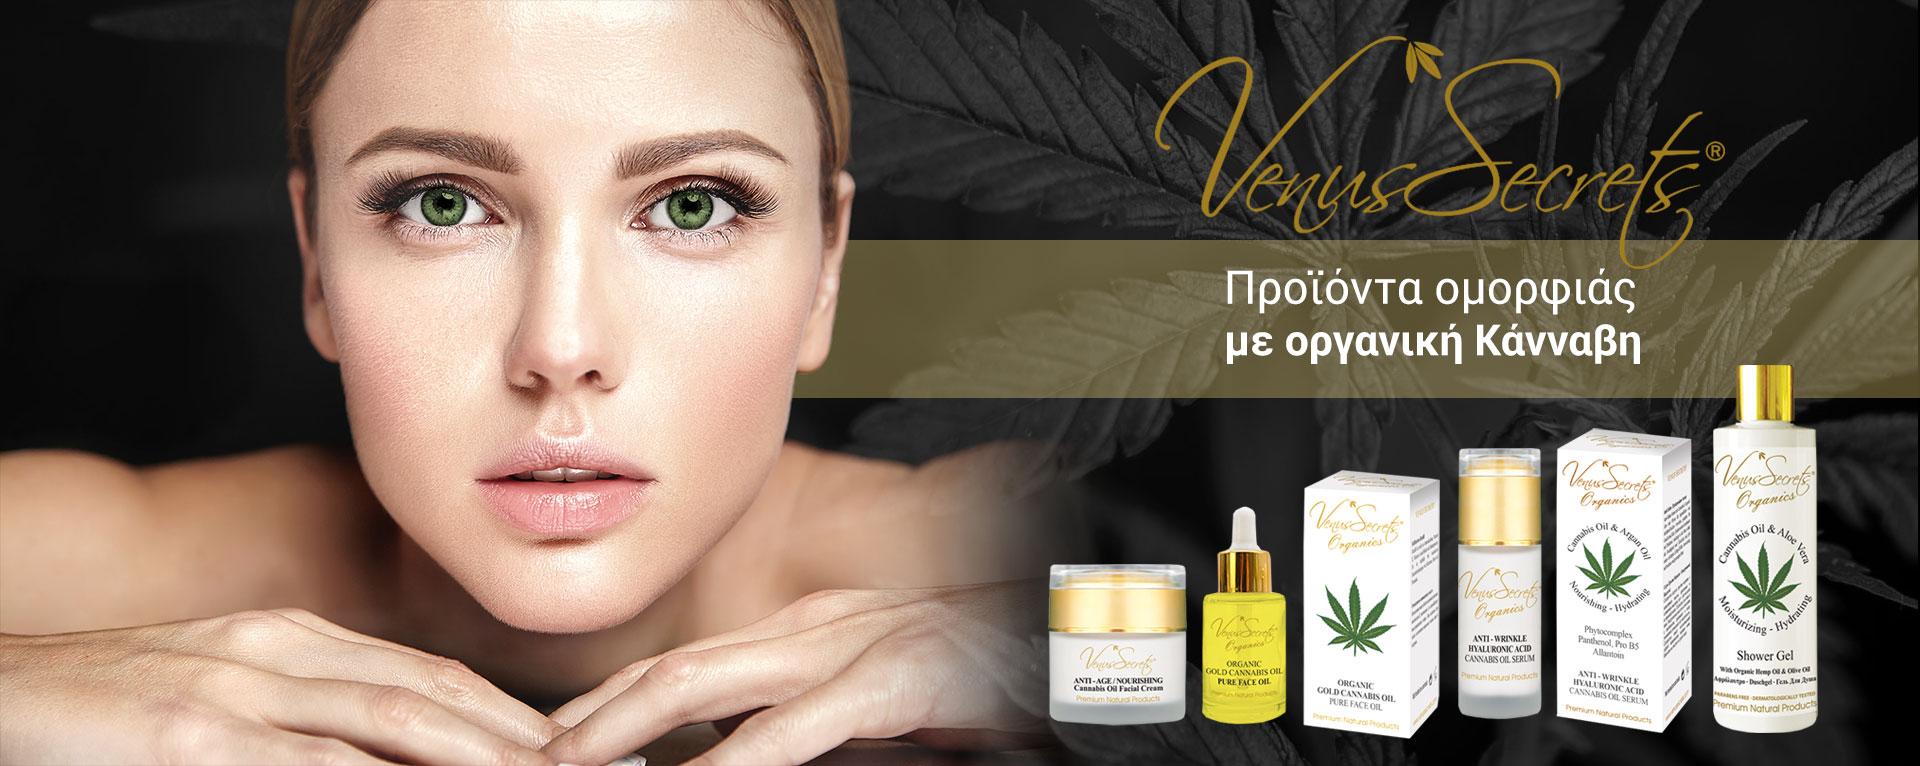 Προϊόντα Ομορφιάς με οργανική κάνναβη | Saga Group